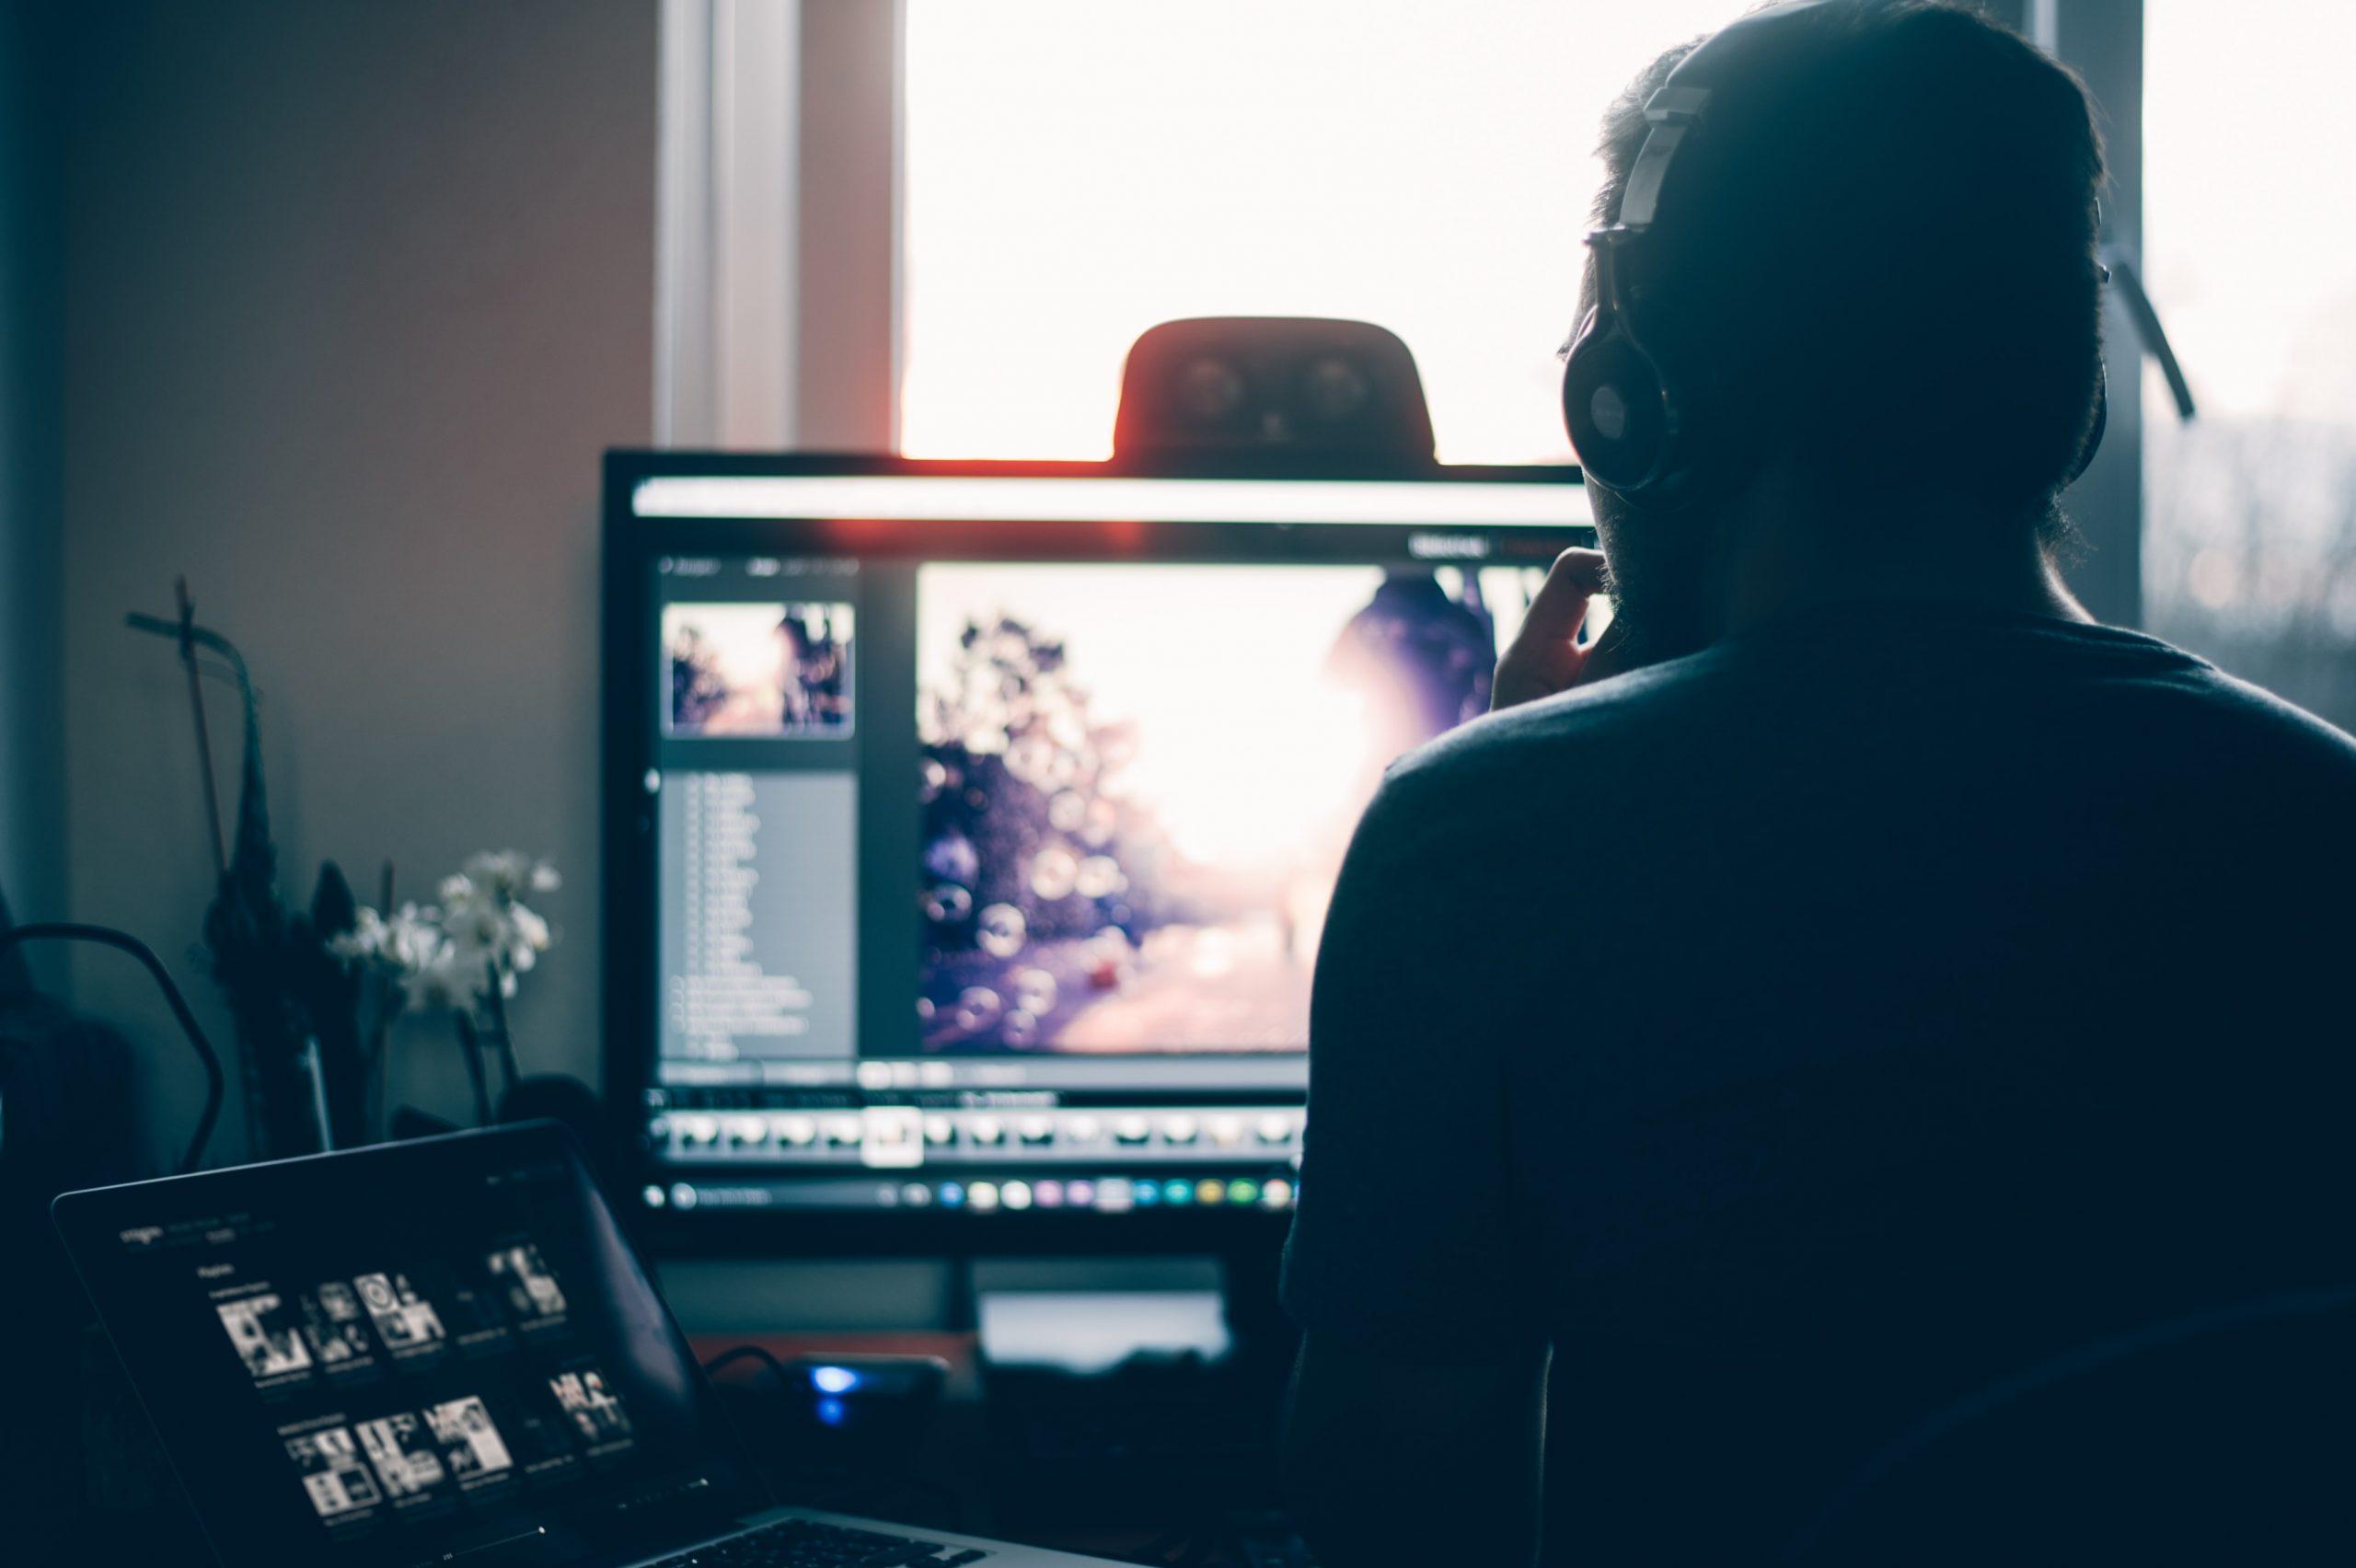 Hombre editando video en un ordenador